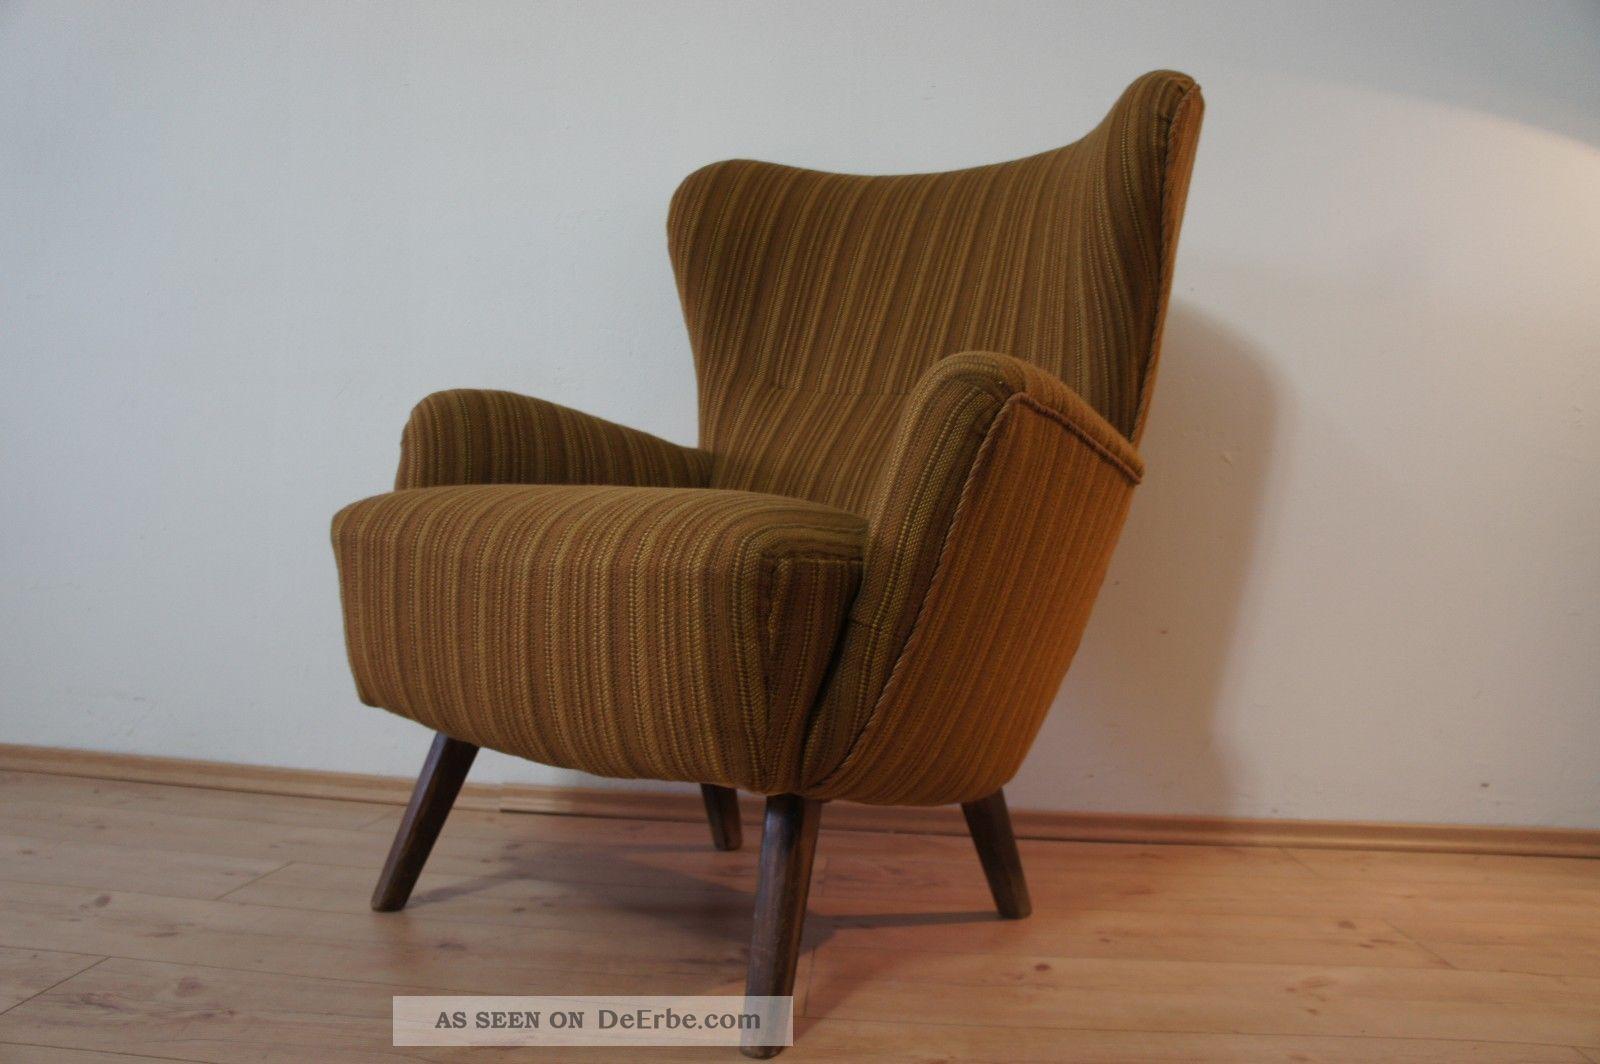 cocktail sessel cocktailsessel kaminsessel arm chair 50er jahre ohrensessel 50s. Black Bedroom Furniture Sets. Home Design Ideas